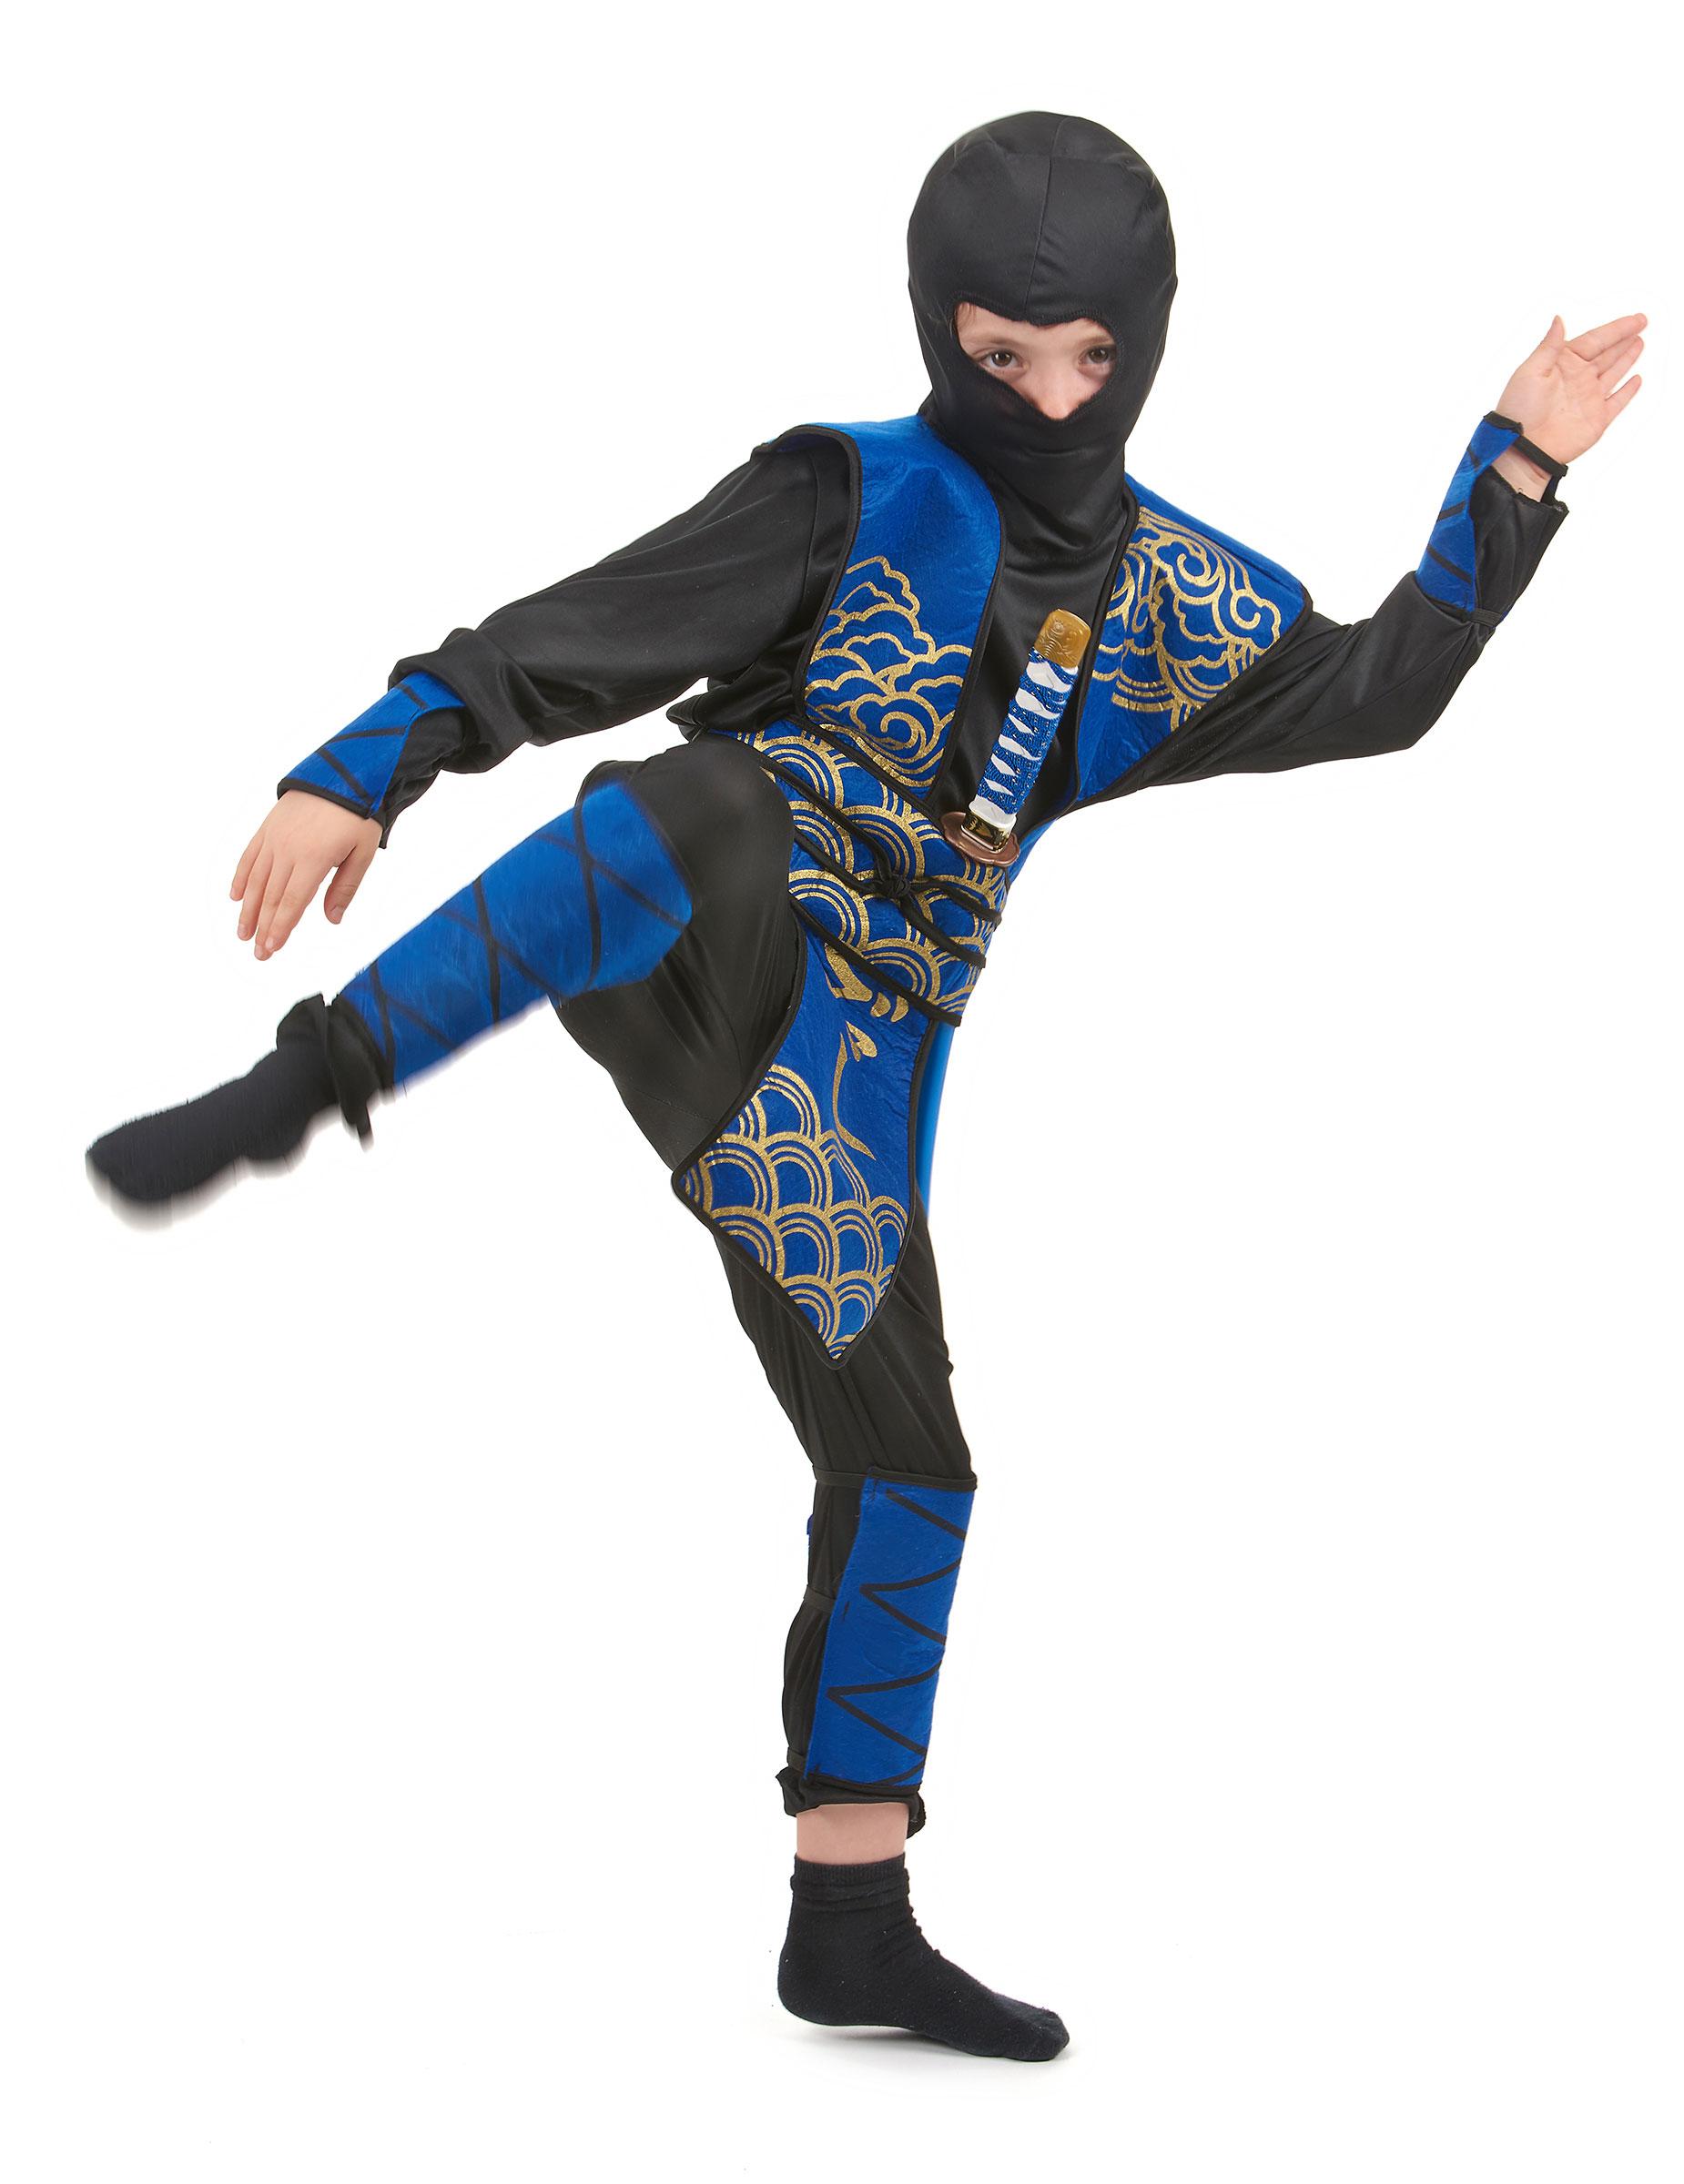 ninja kost m blau f r jungen kost me f r kinder und. Black Bedroom Furniture Sets. Home Design Ideas